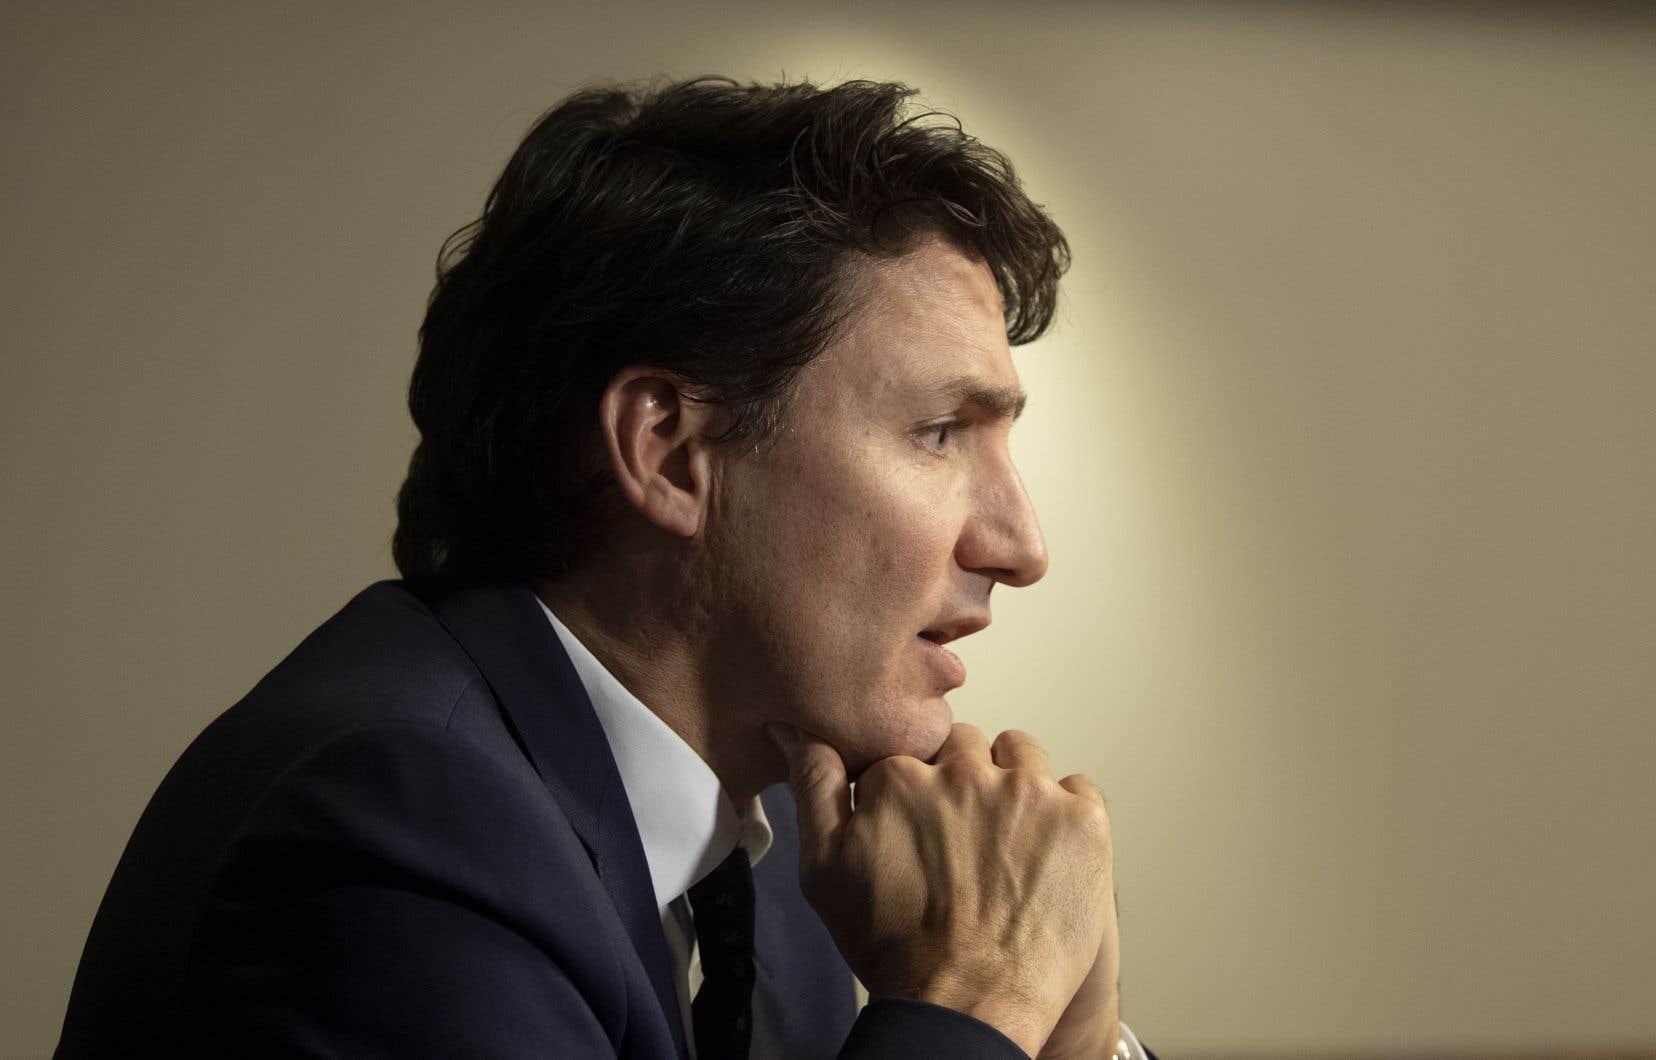 Le premier ministre assure que des pays alliés continuent de mettre de la pression sur la Chine pour libérer MM.Kovrig et Spavor.